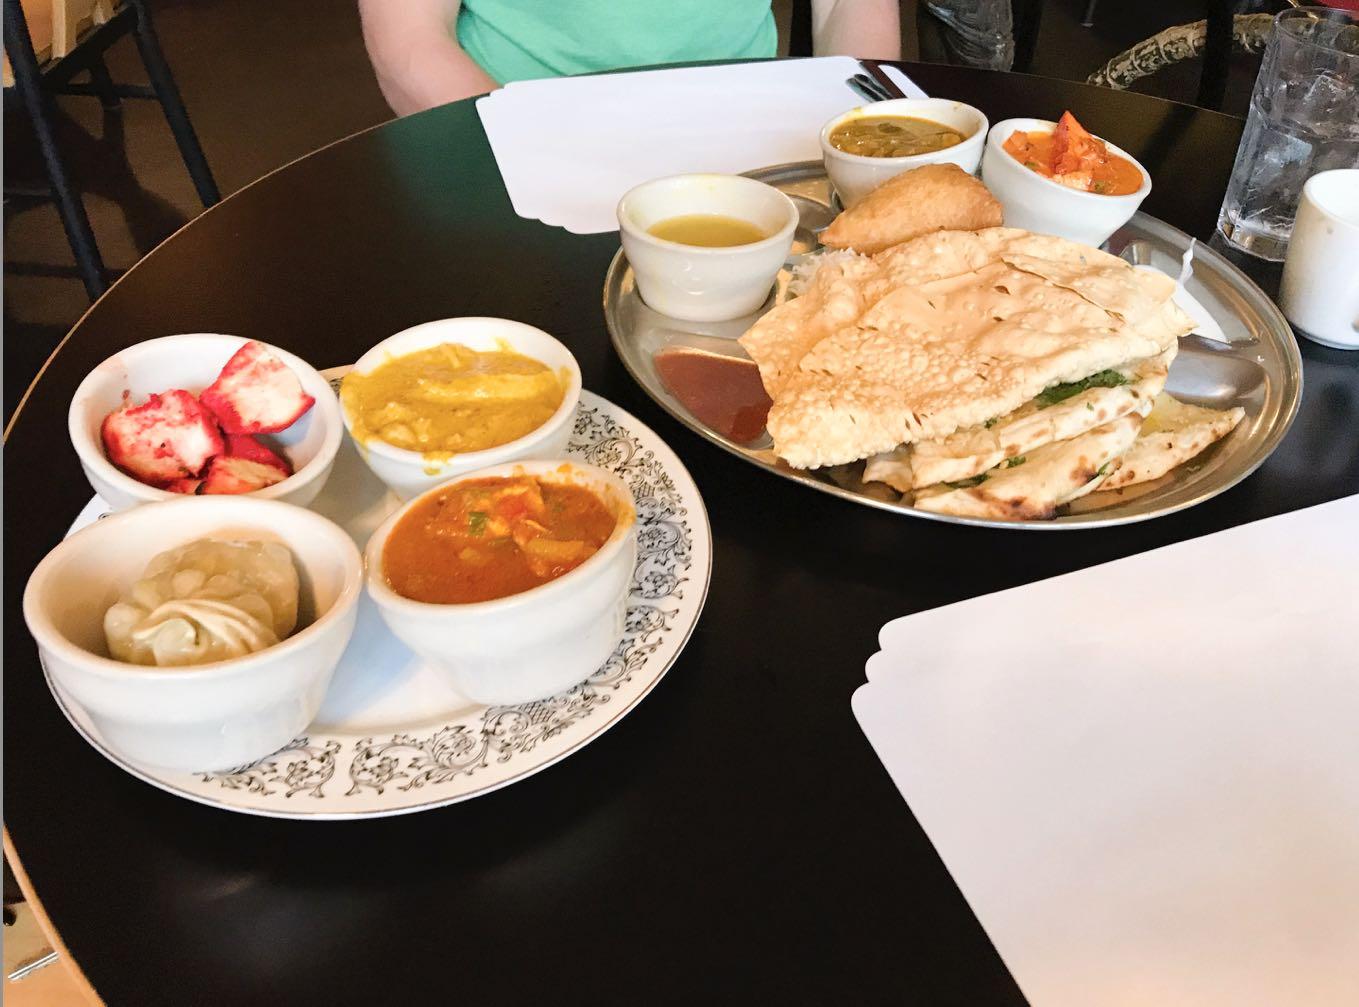 nepal-restaurant-grand-junction